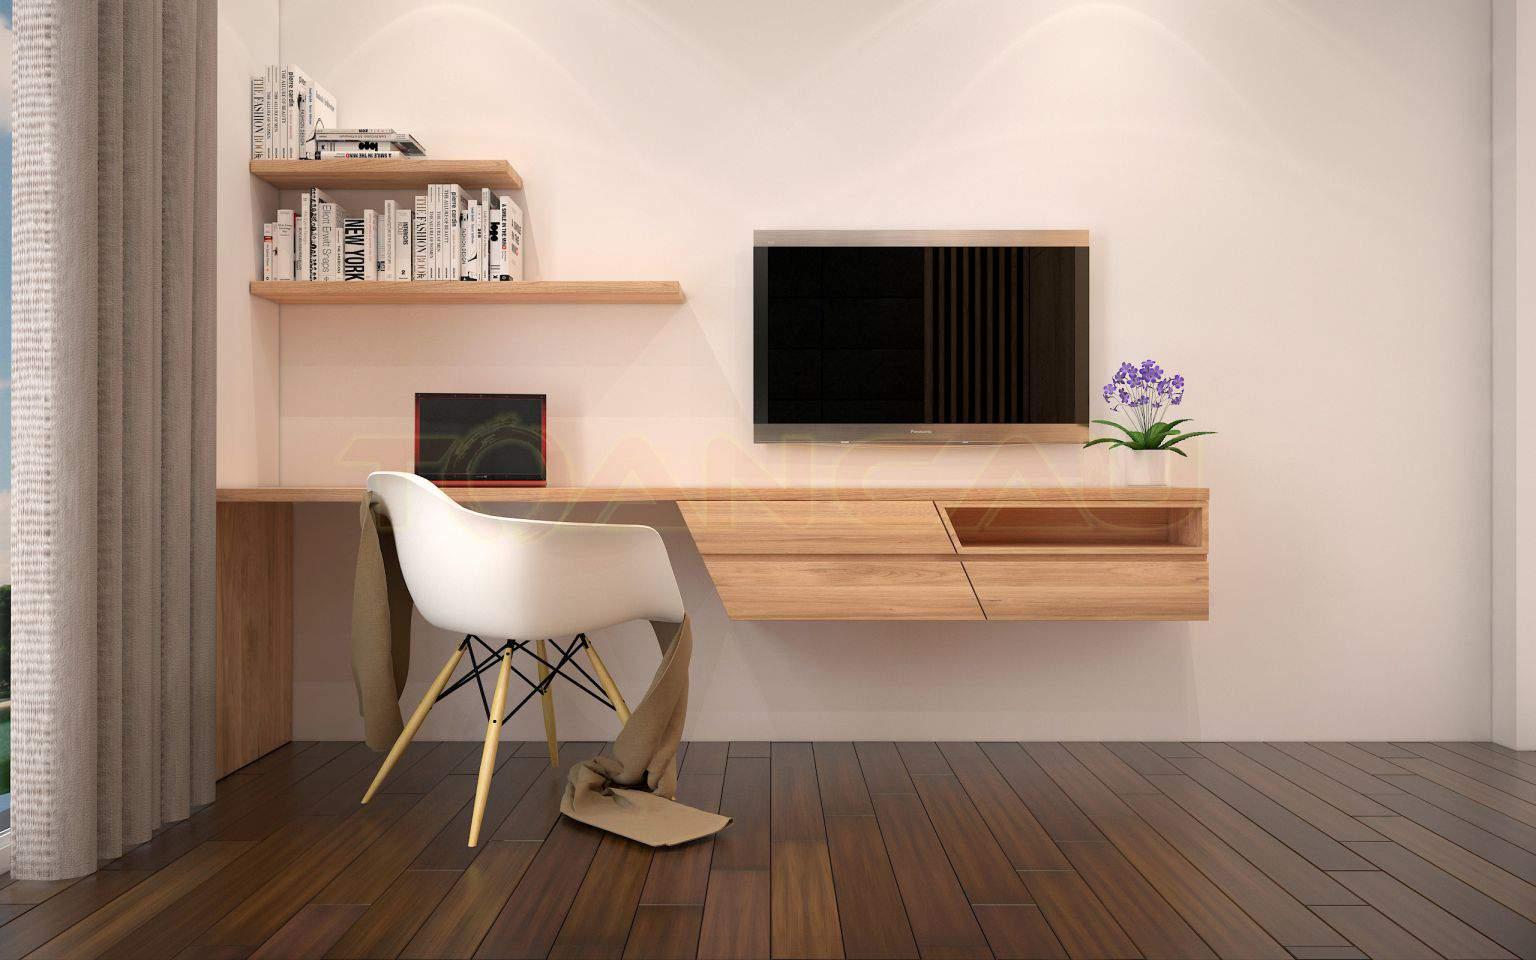 Nên sử dụng những món đồ nội thất tối giản